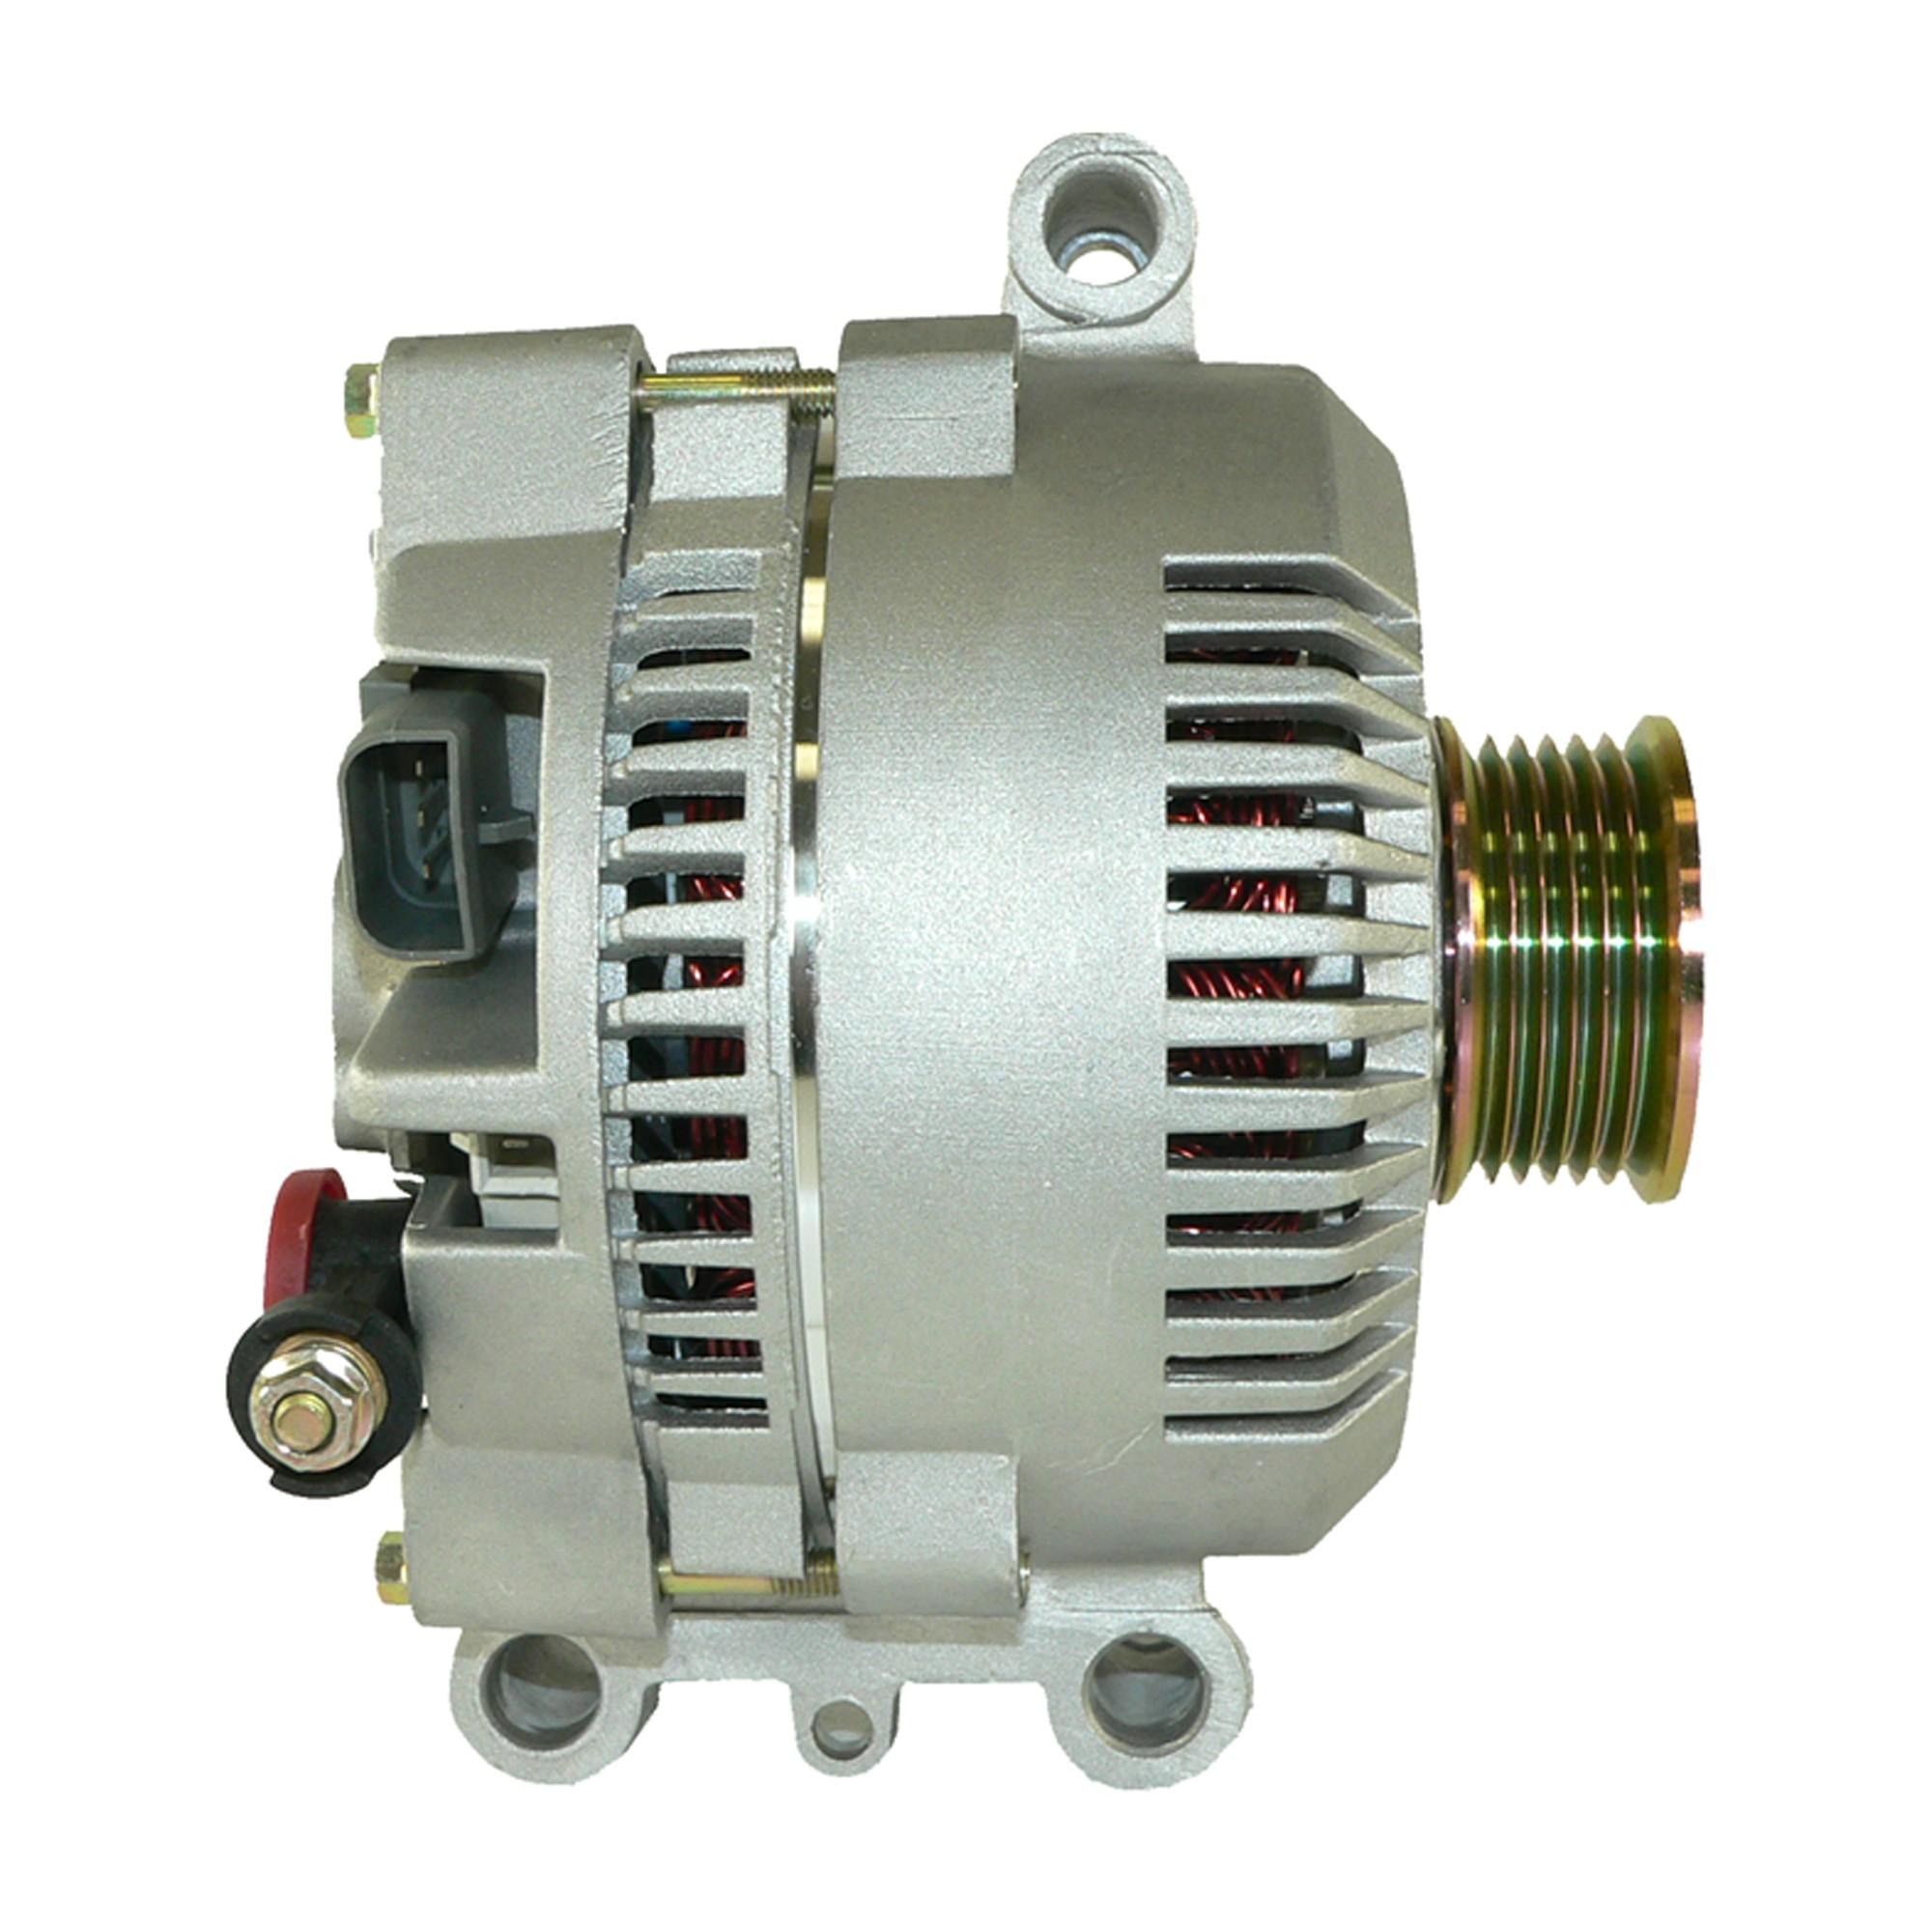 Alternator For Mercury Mountaineer 2004 4 0l 245  V6